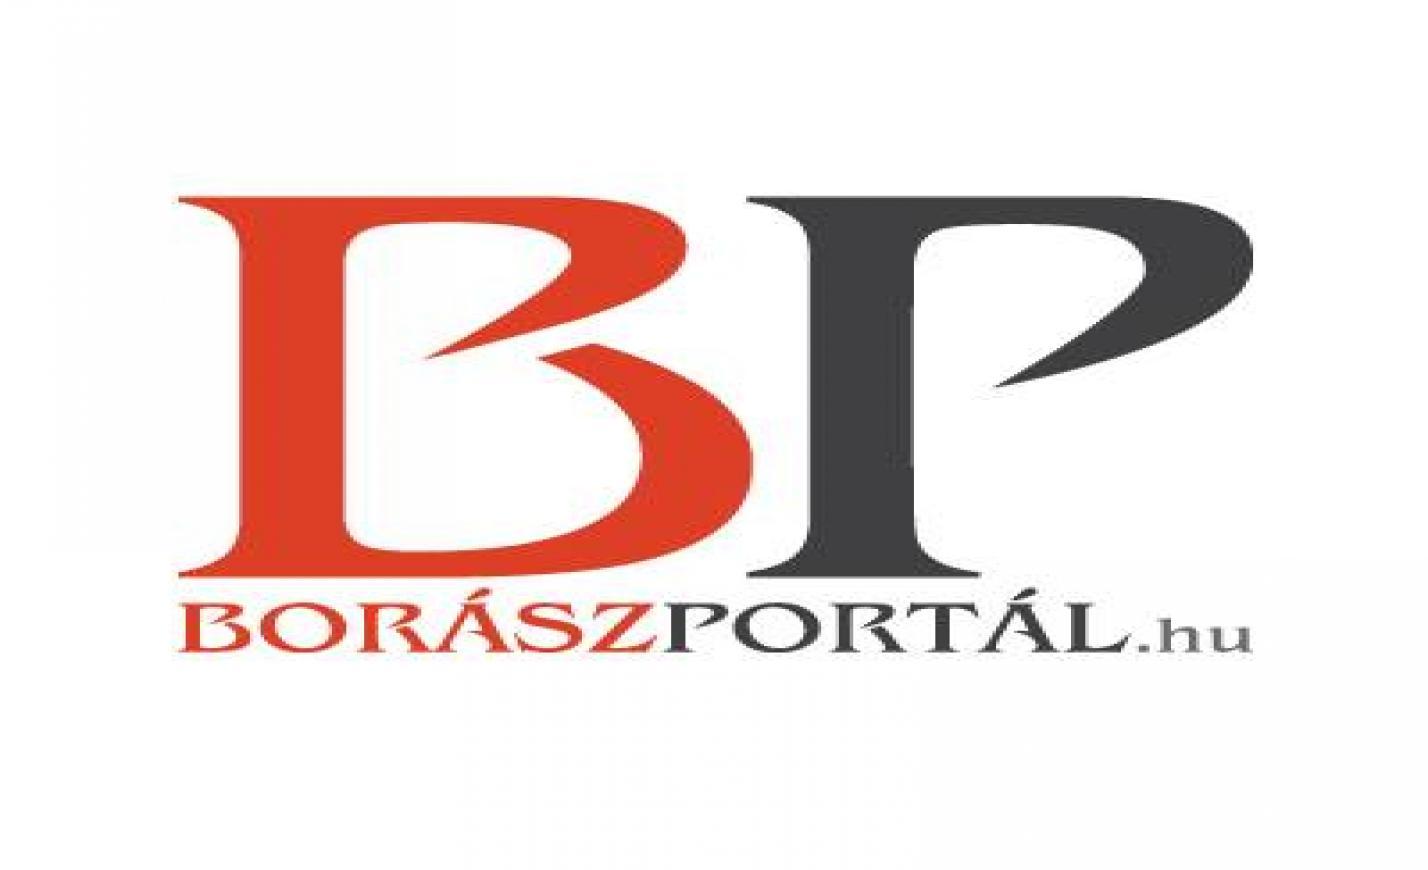 Tokaj-hegyaljai termelők, kézművesek piaca kapta a Takács András-emlékdíjat